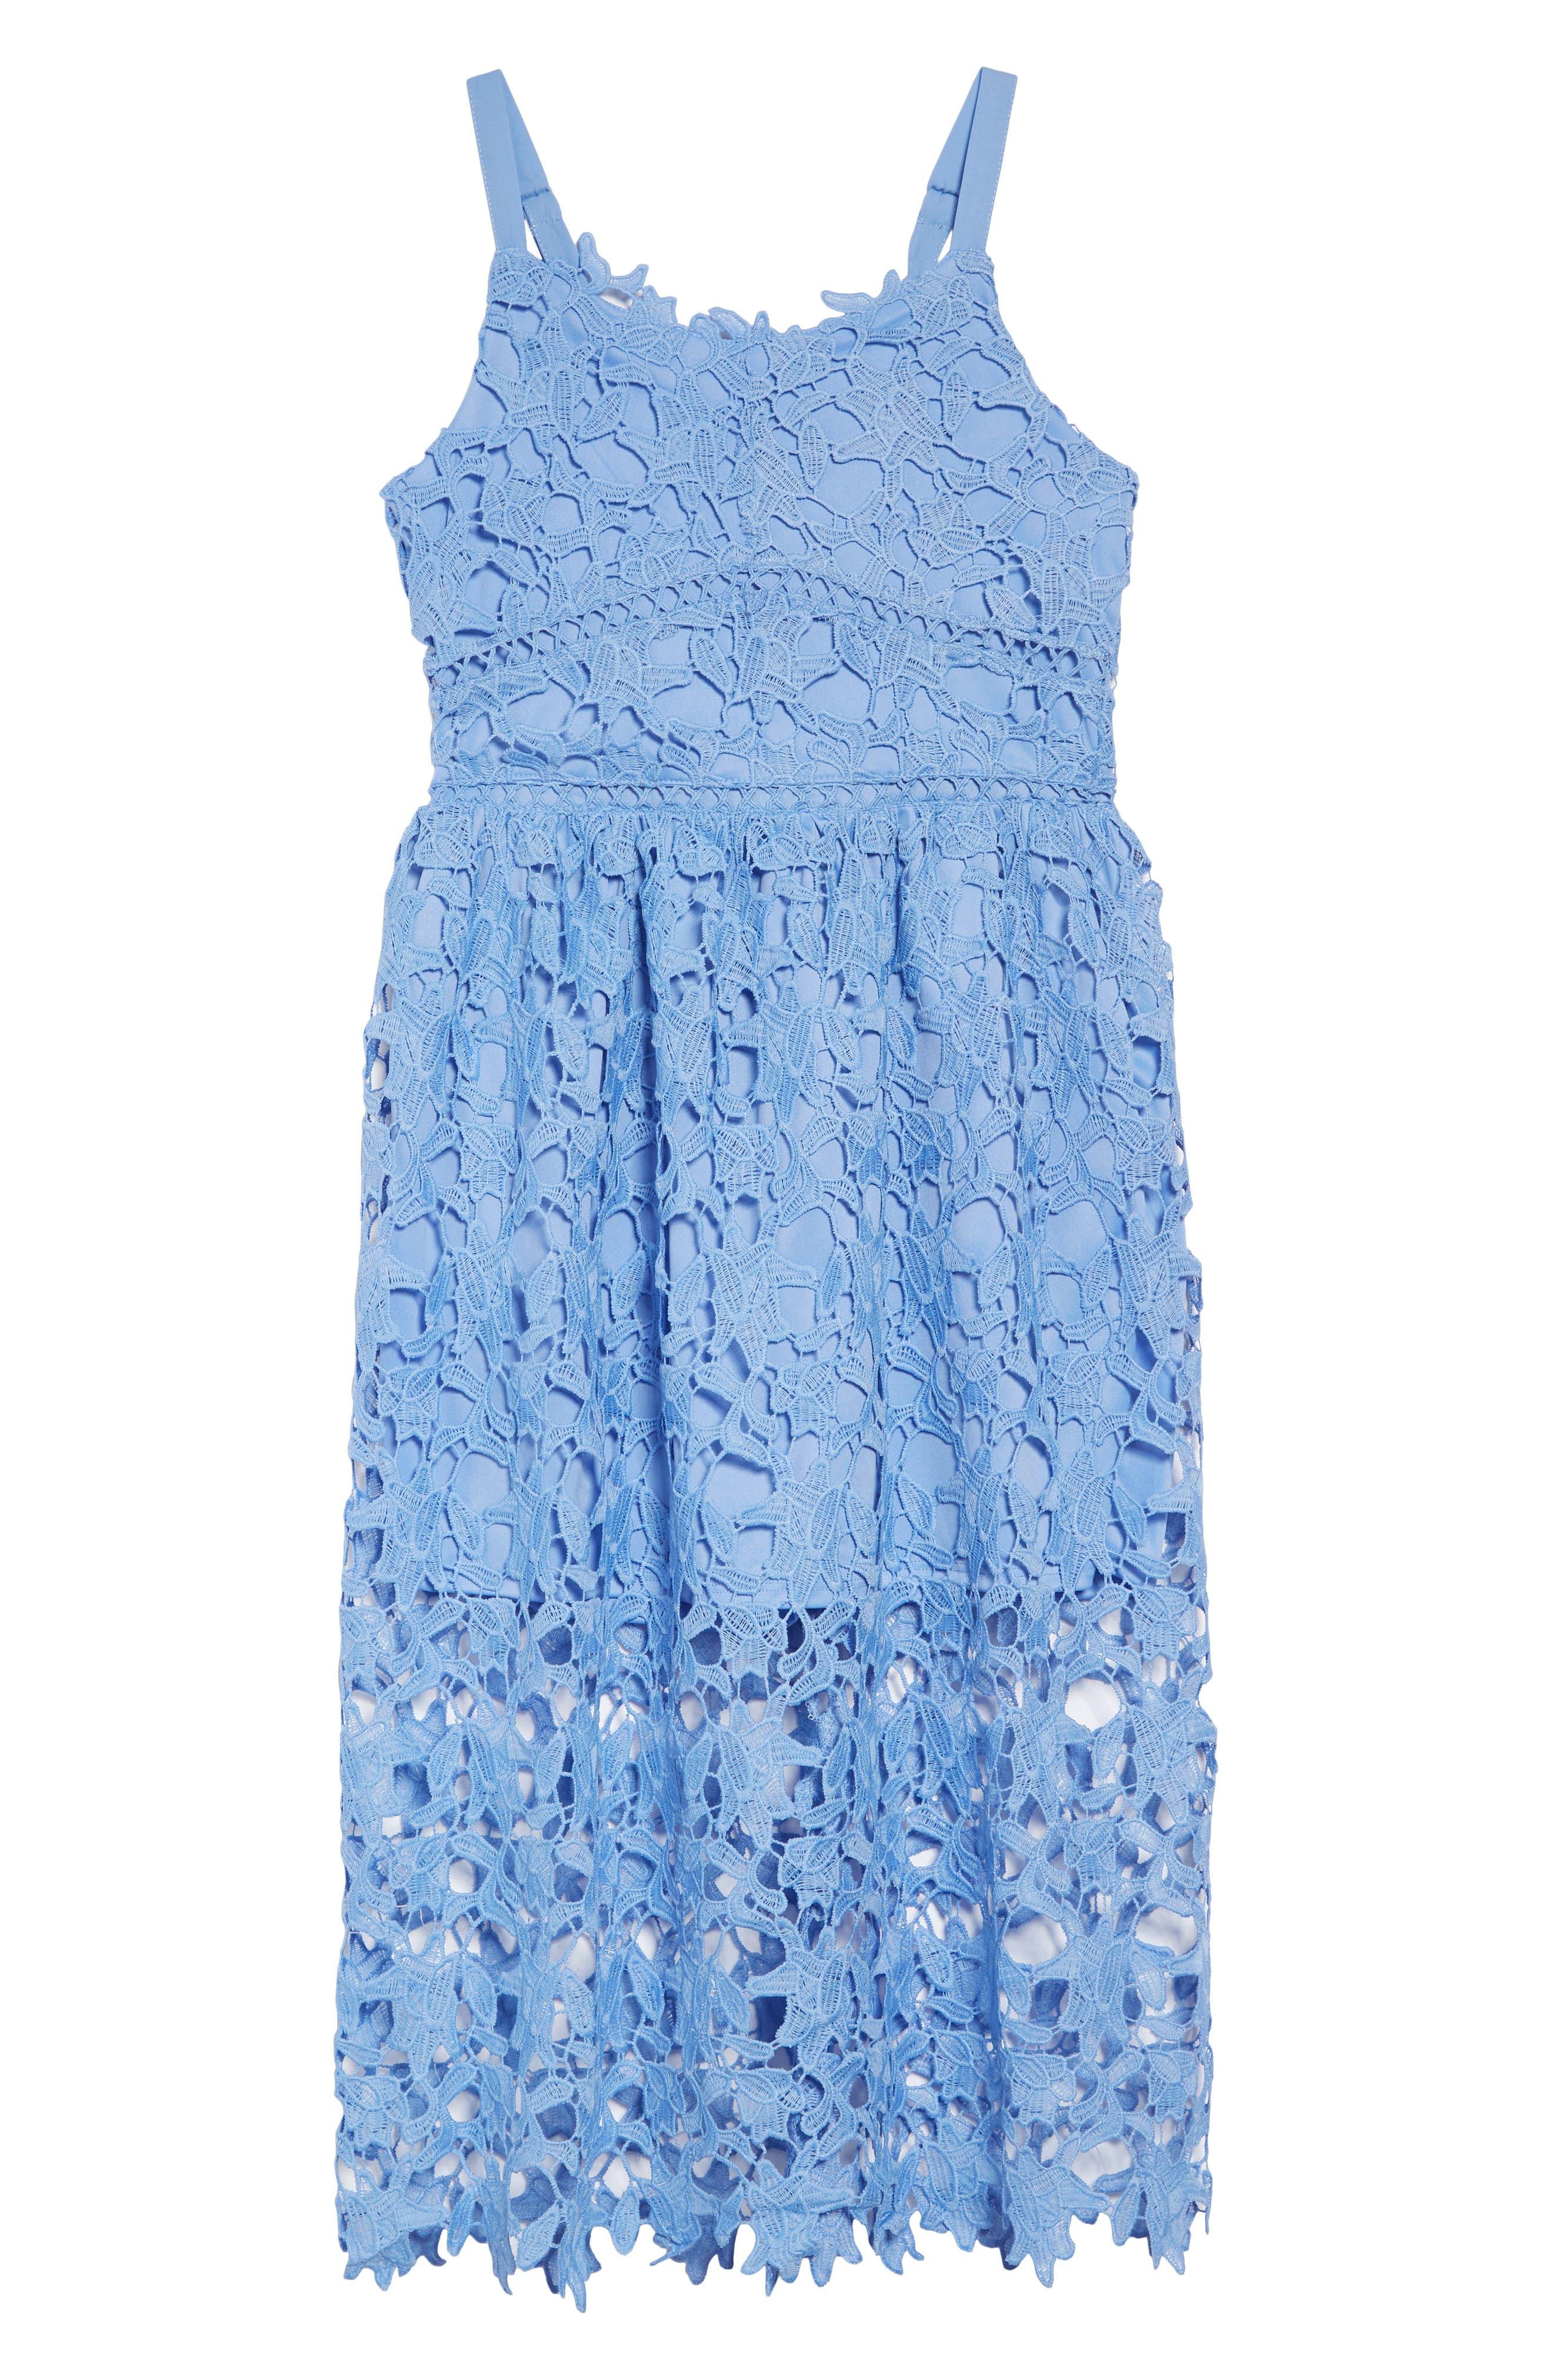 TRIXXI, Floral Lace Dress, Main thumbnail 1, color, PERIWINKLE